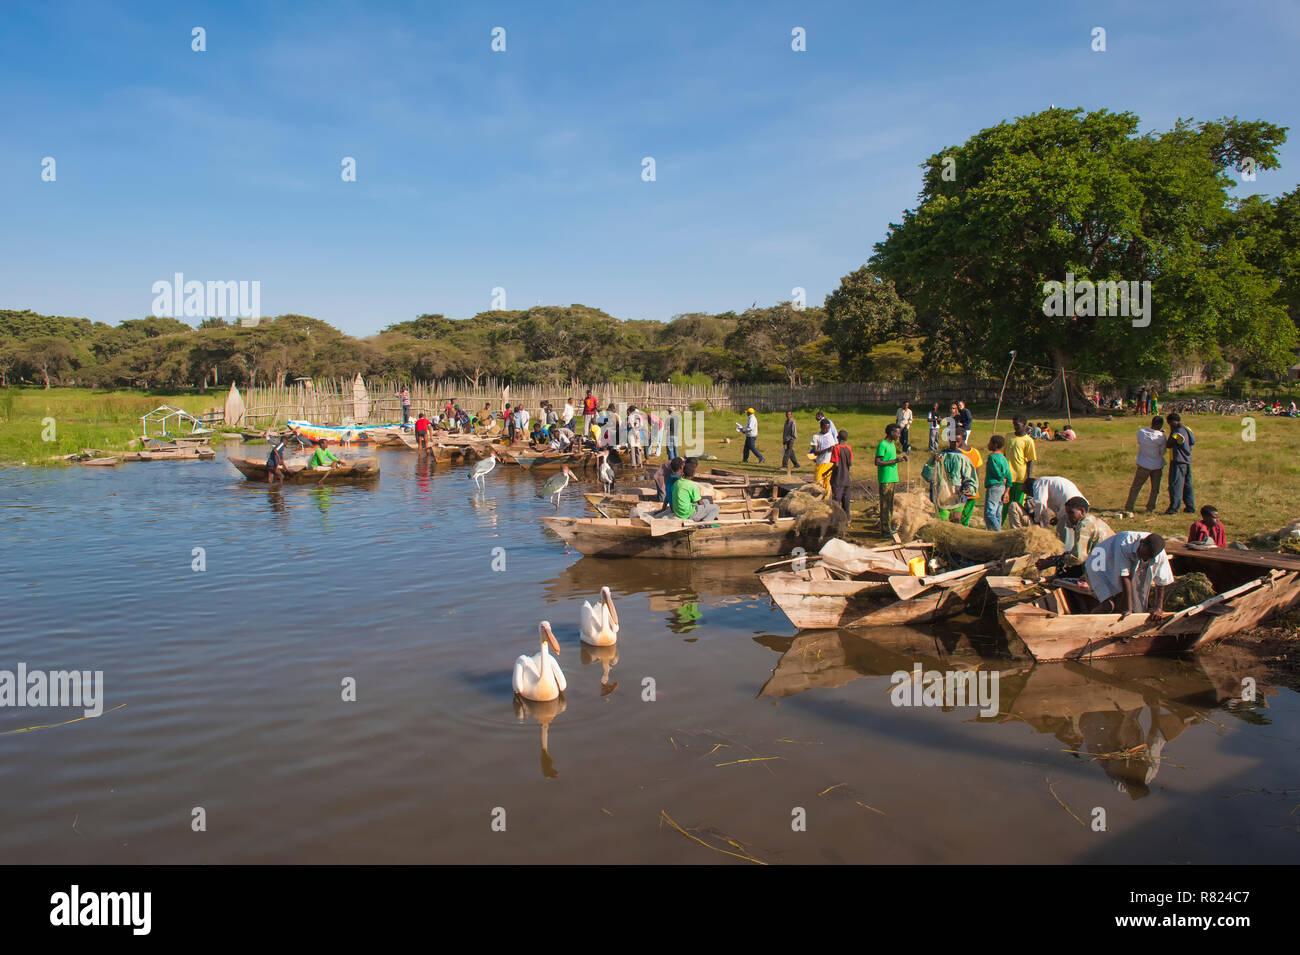 Boats at the fishing harbor, Awasa, Ethiopia - Stock Image